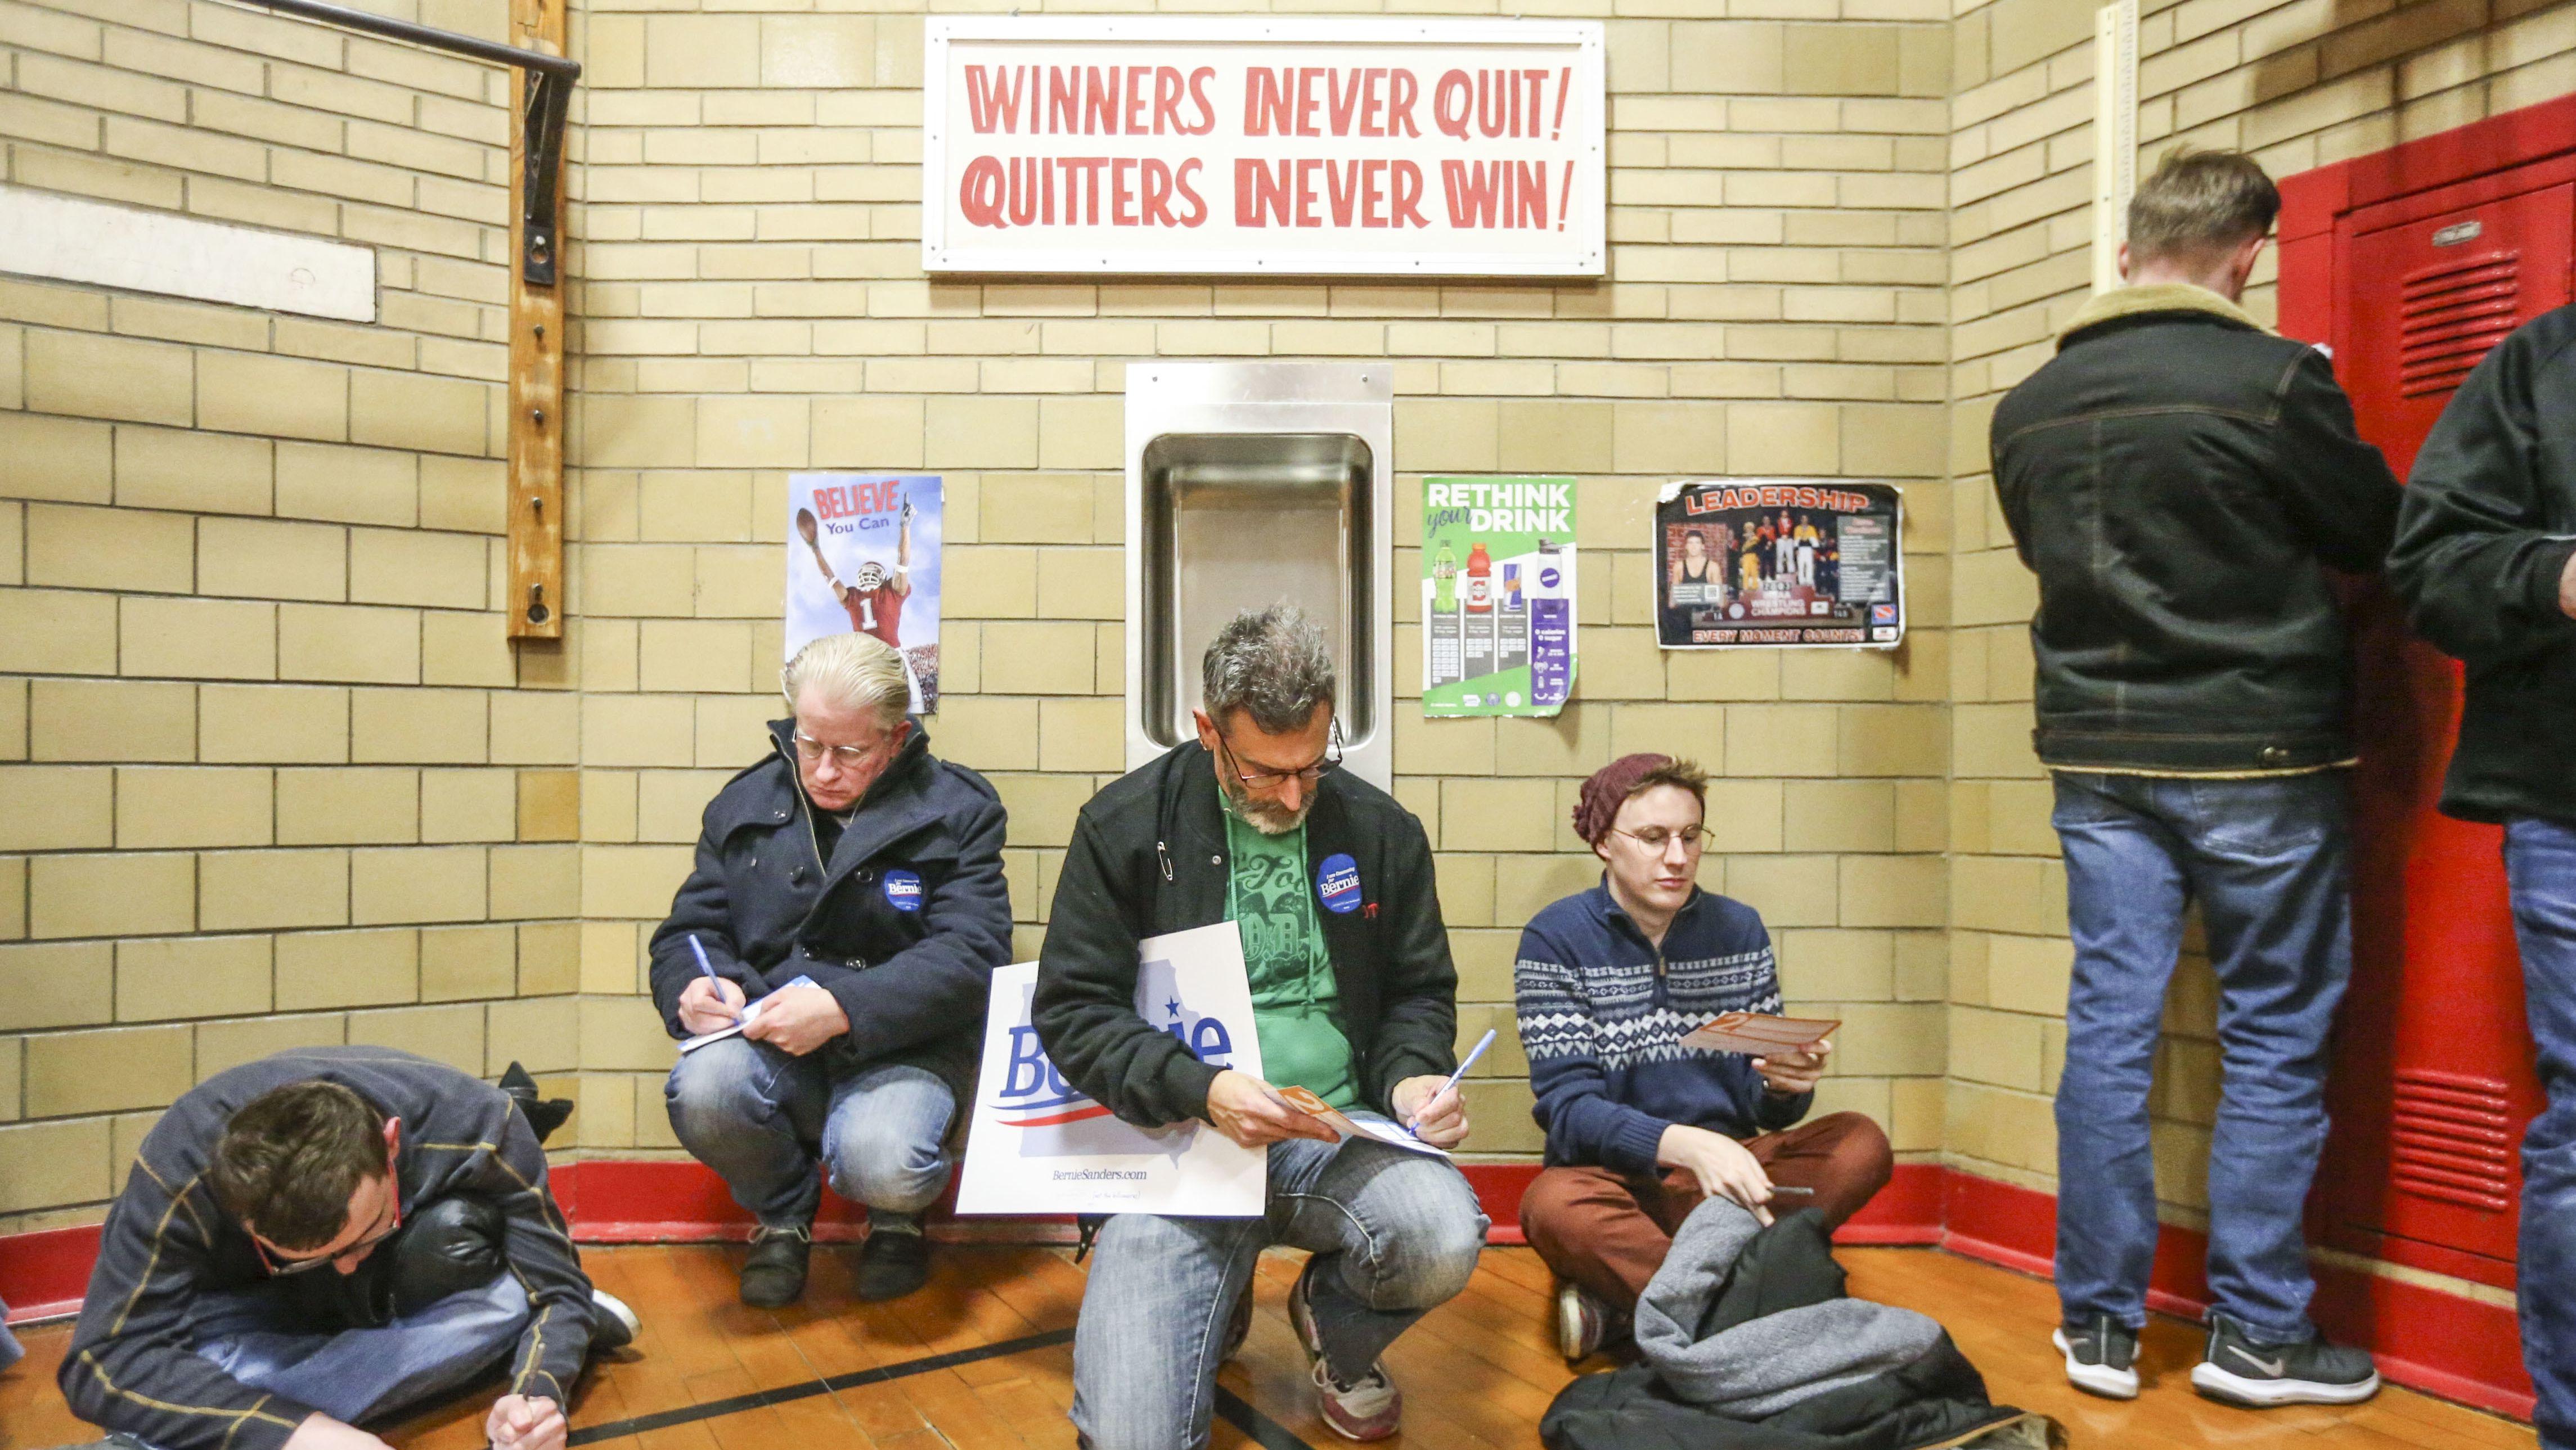 Iowa Caucus - Vorwahlen in Iowa